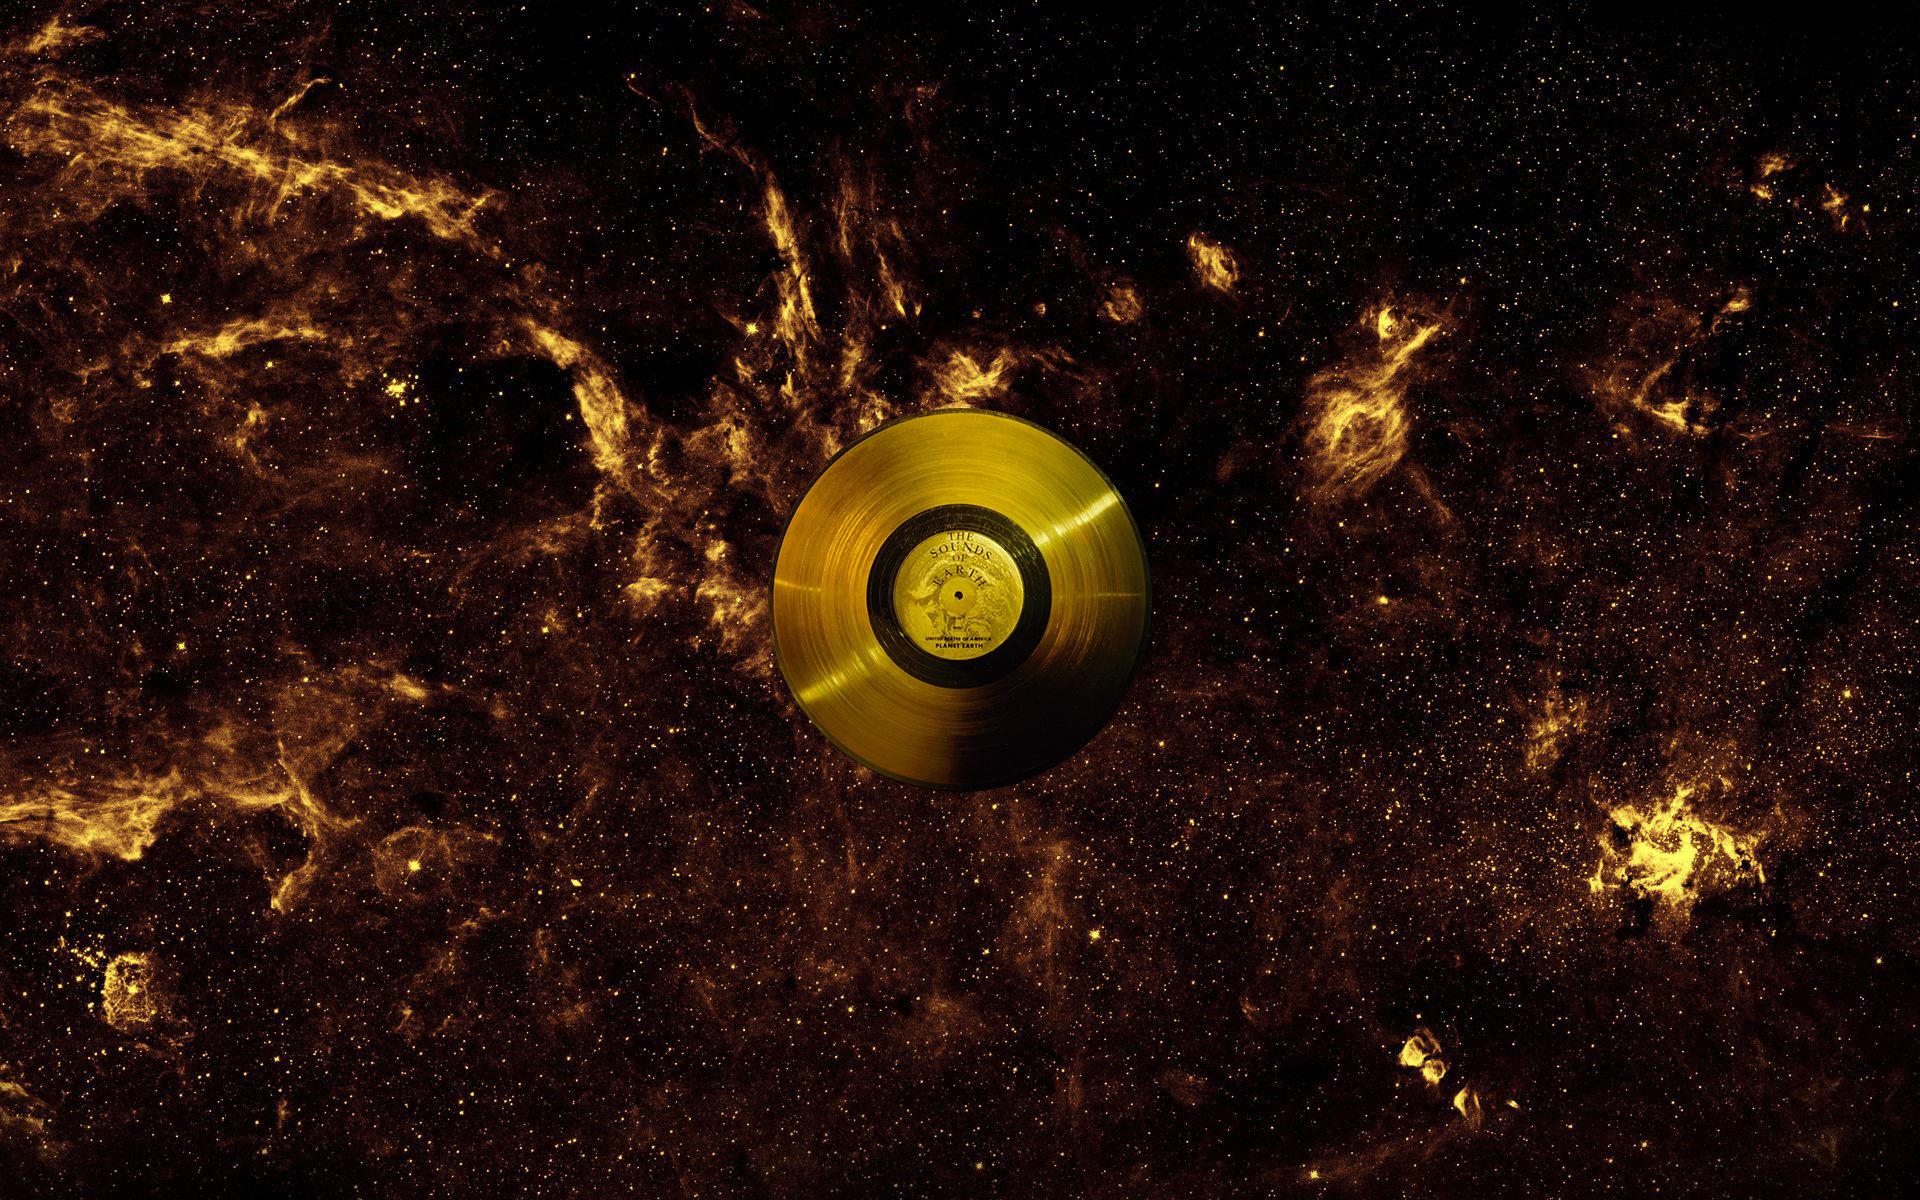 人类的终极浪漫:给外星人听一曲「花腔女高音」